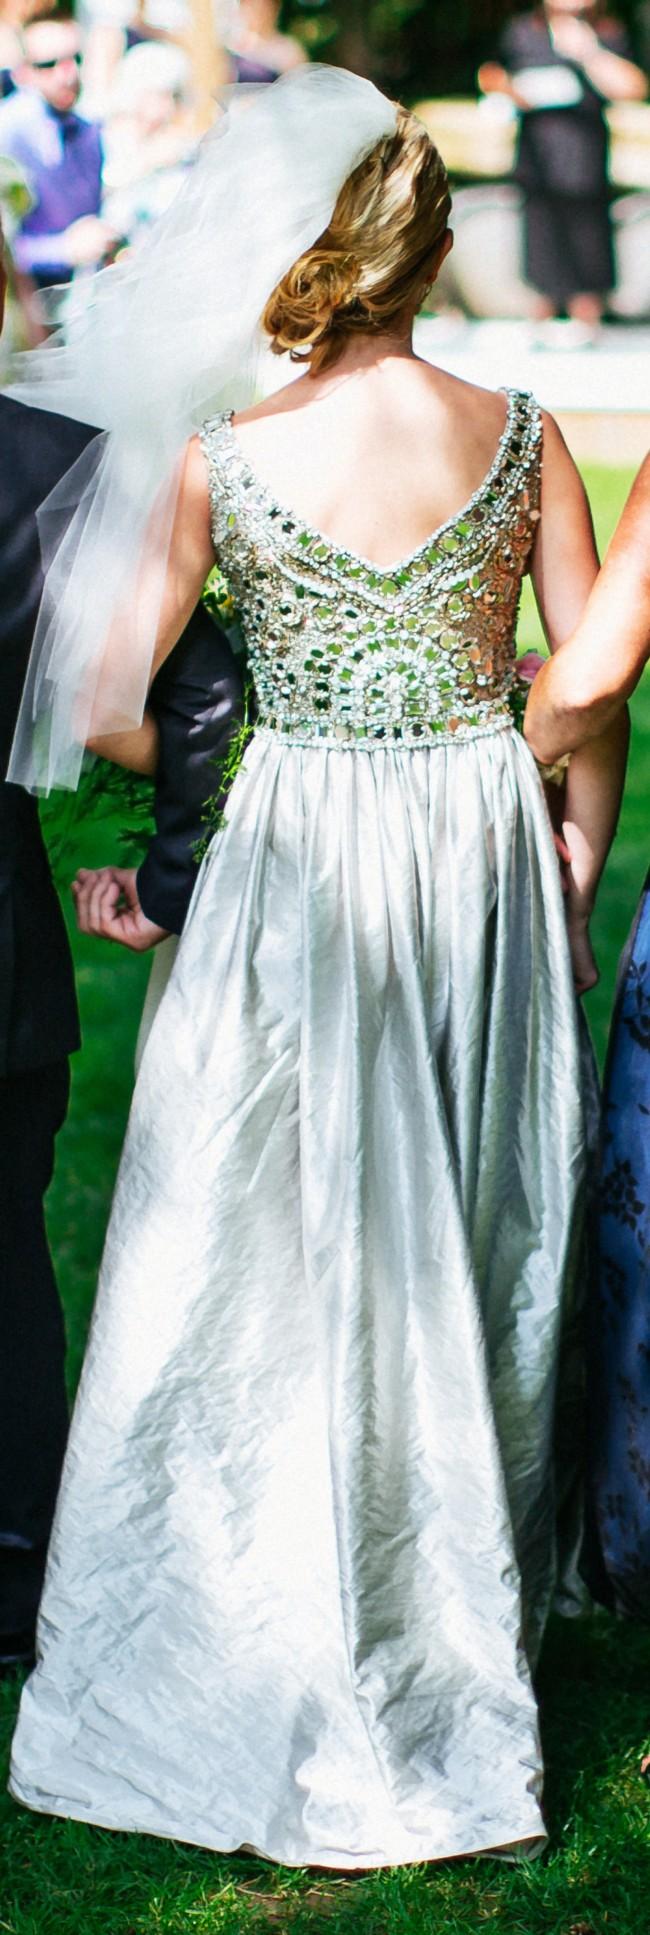 Collette Dinnigan Fantasia V Neck Used Wedding Dress on Sale 55% Off